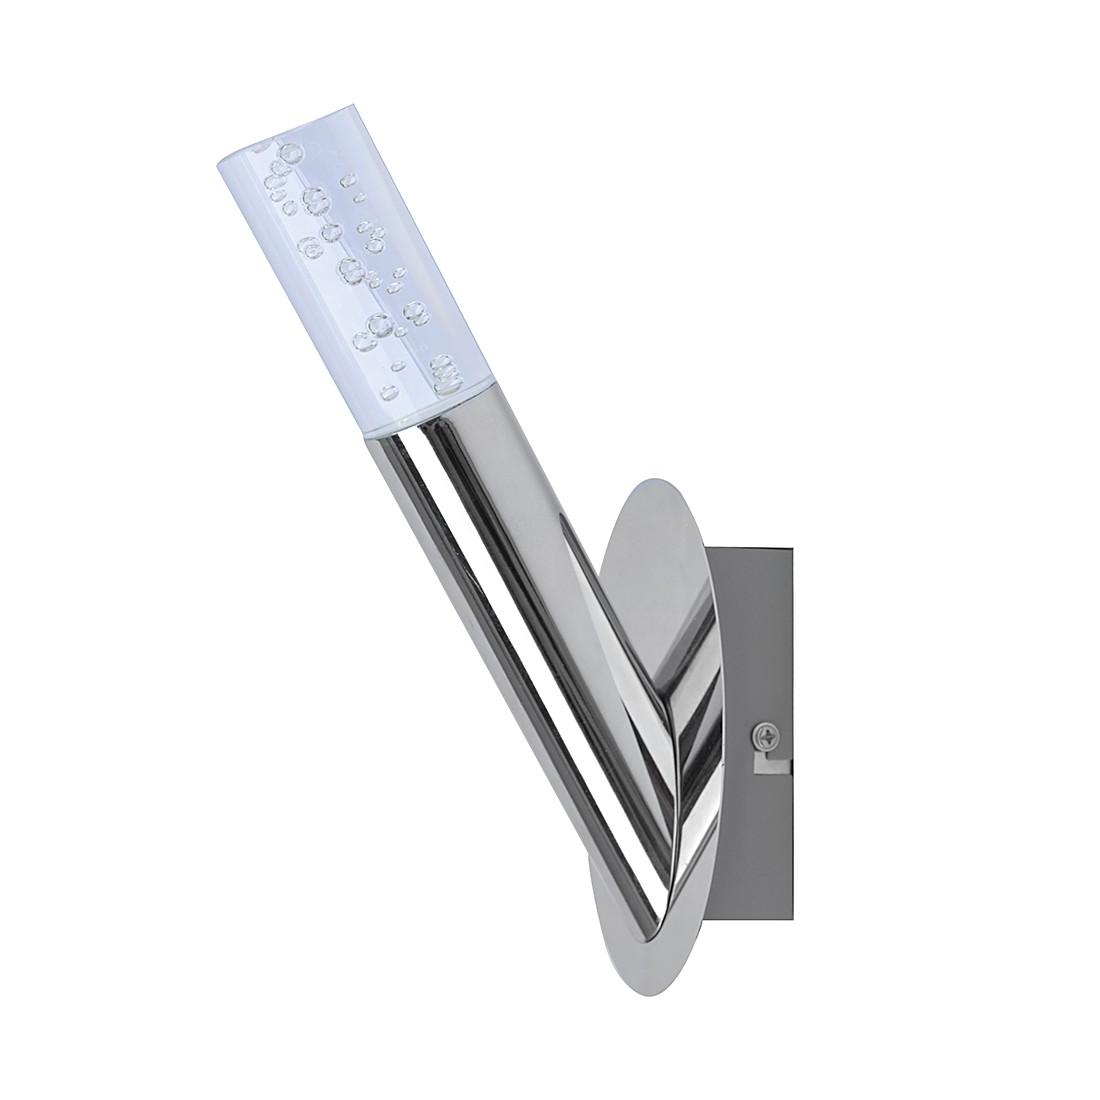 energie  A+, Wandlamp MIDU - metaal/kunststof 1 lichtbron, Wofi